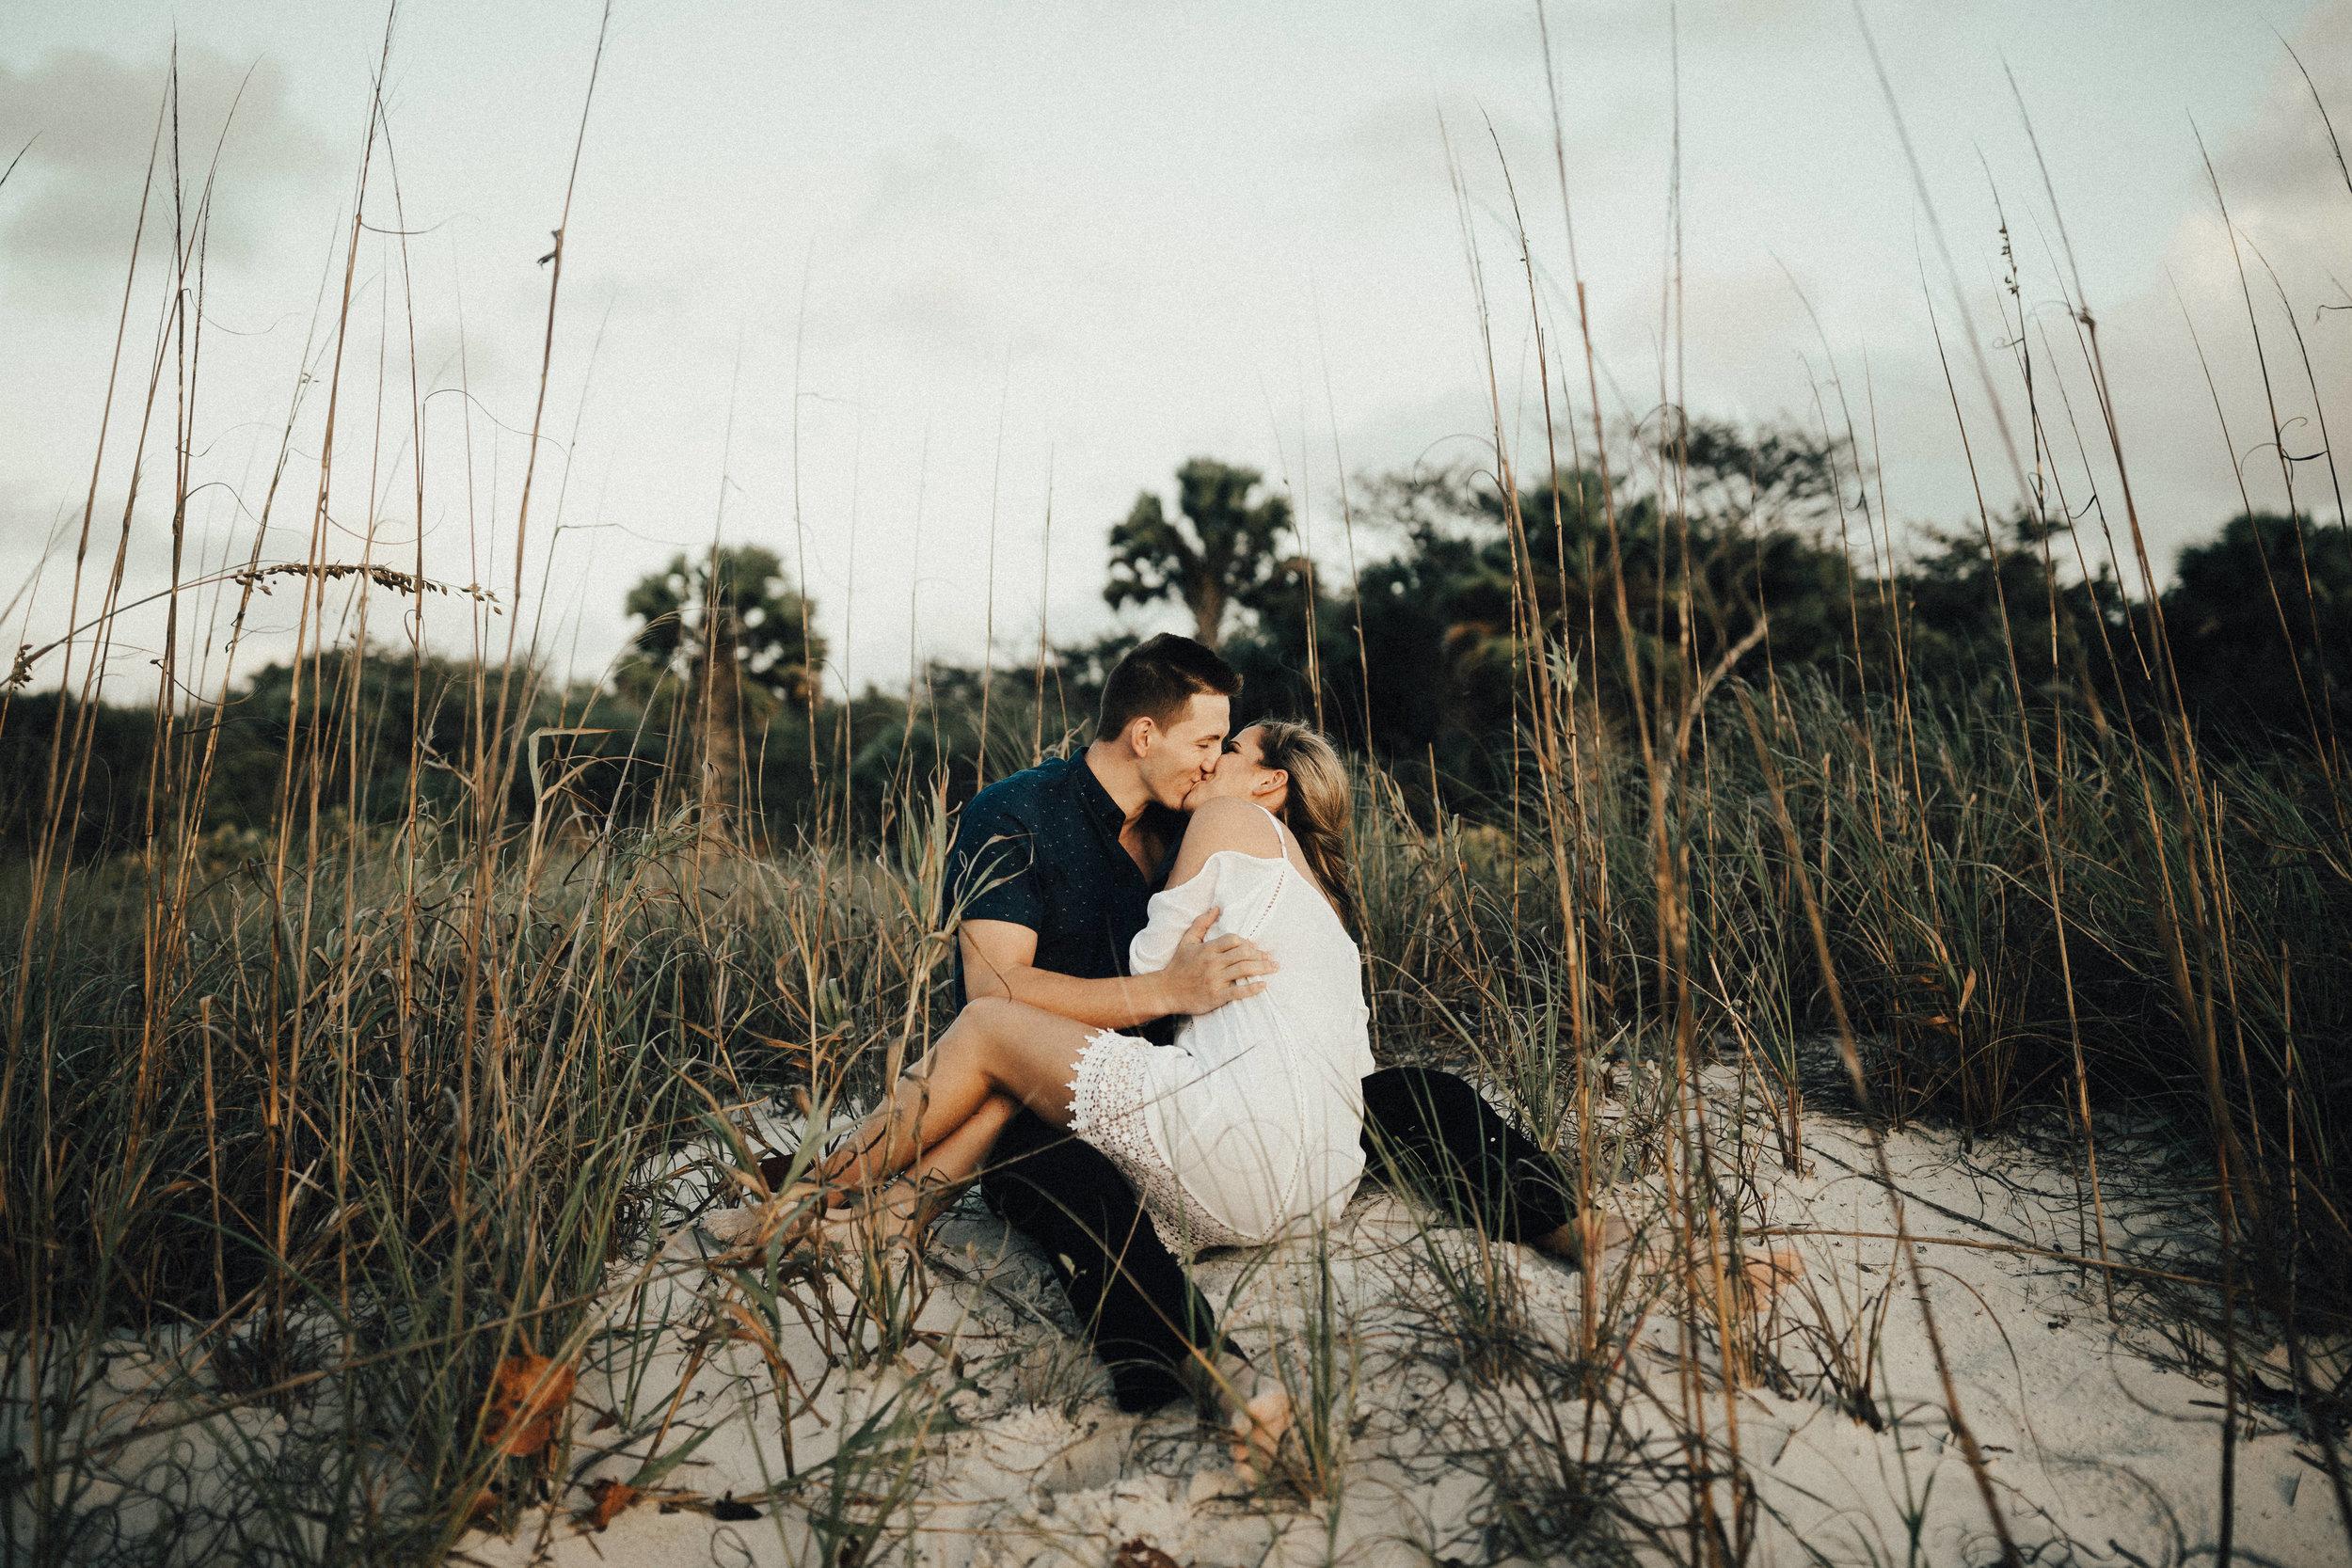 honolulu-hawaii-wedding-photographer--35.jpg